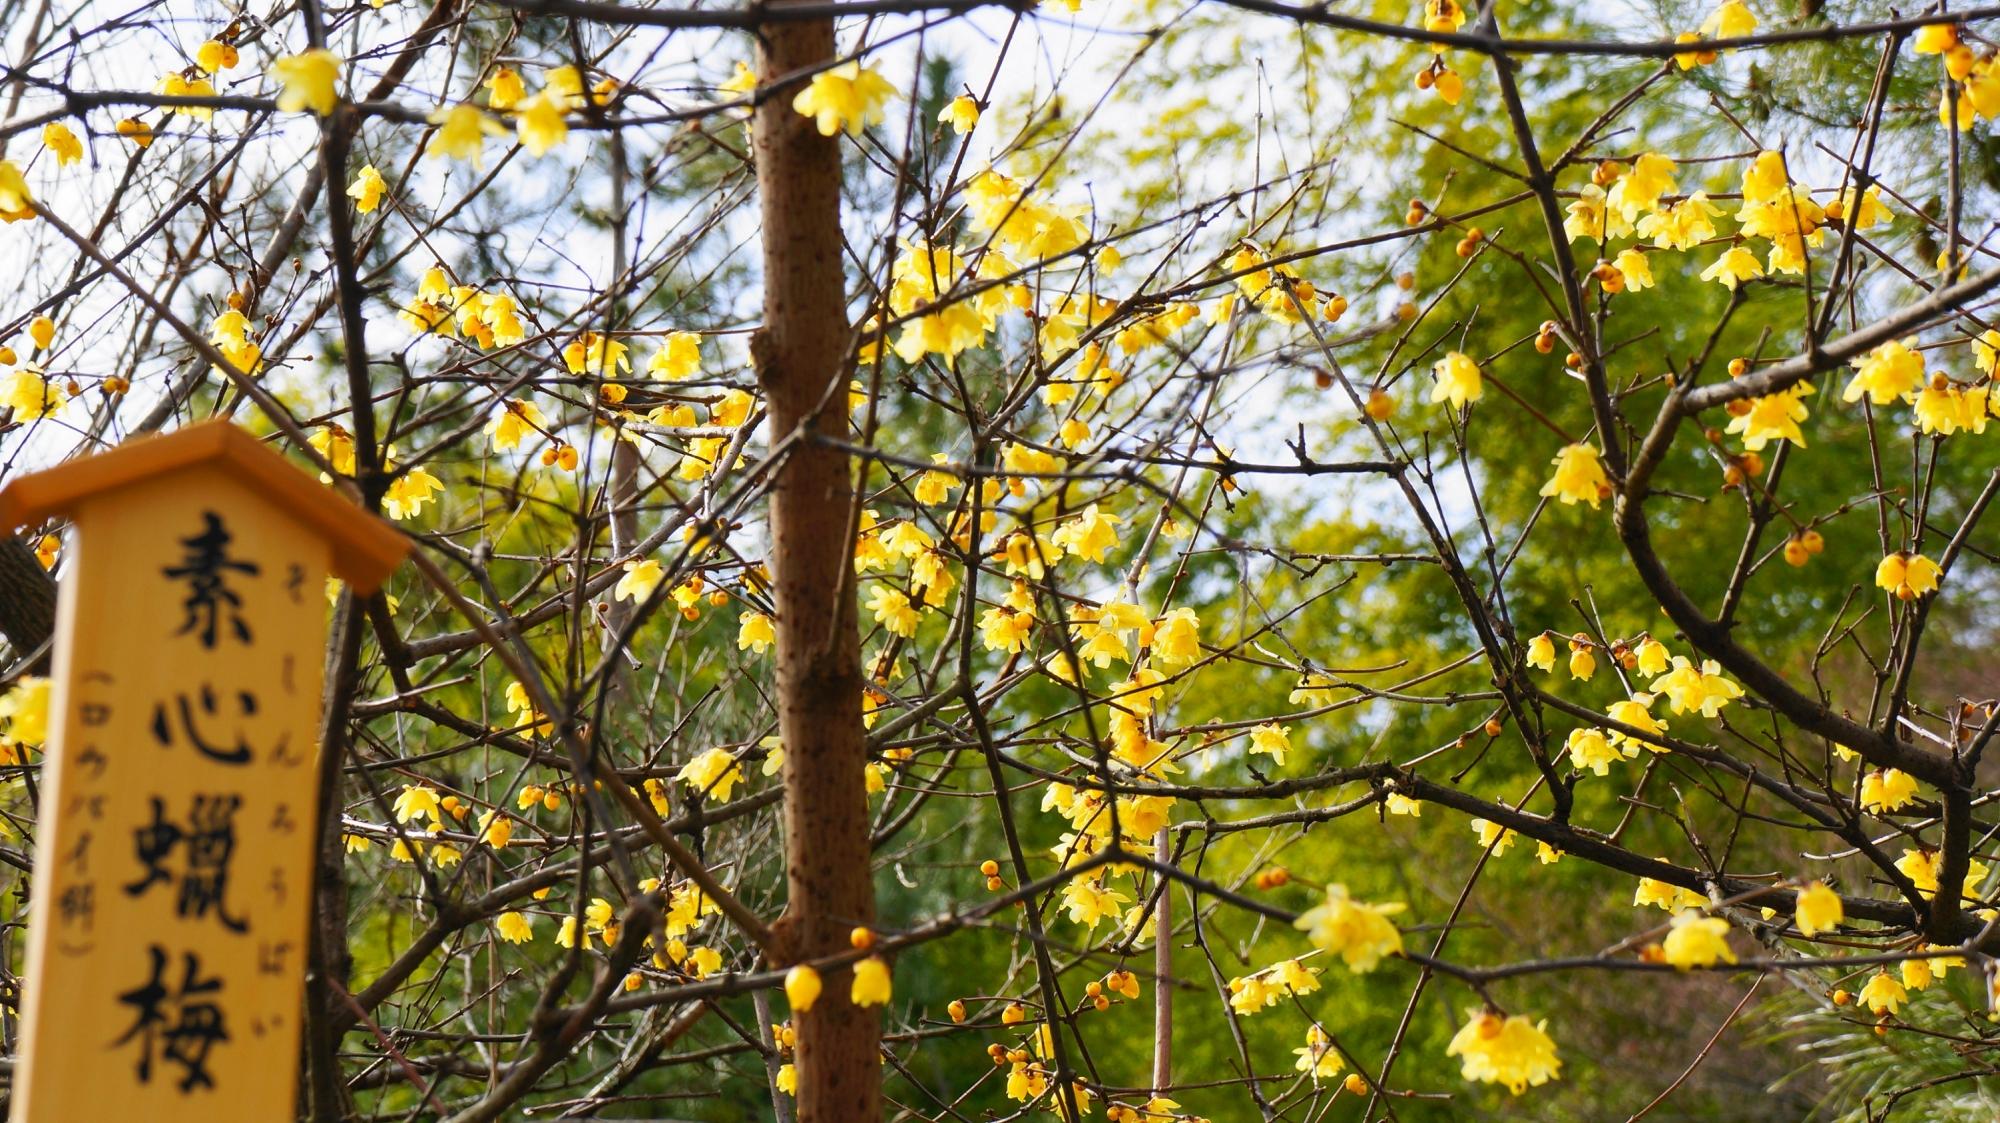 天龍寺の黄色い花を咲かせる蝋梅(ロウバイ)